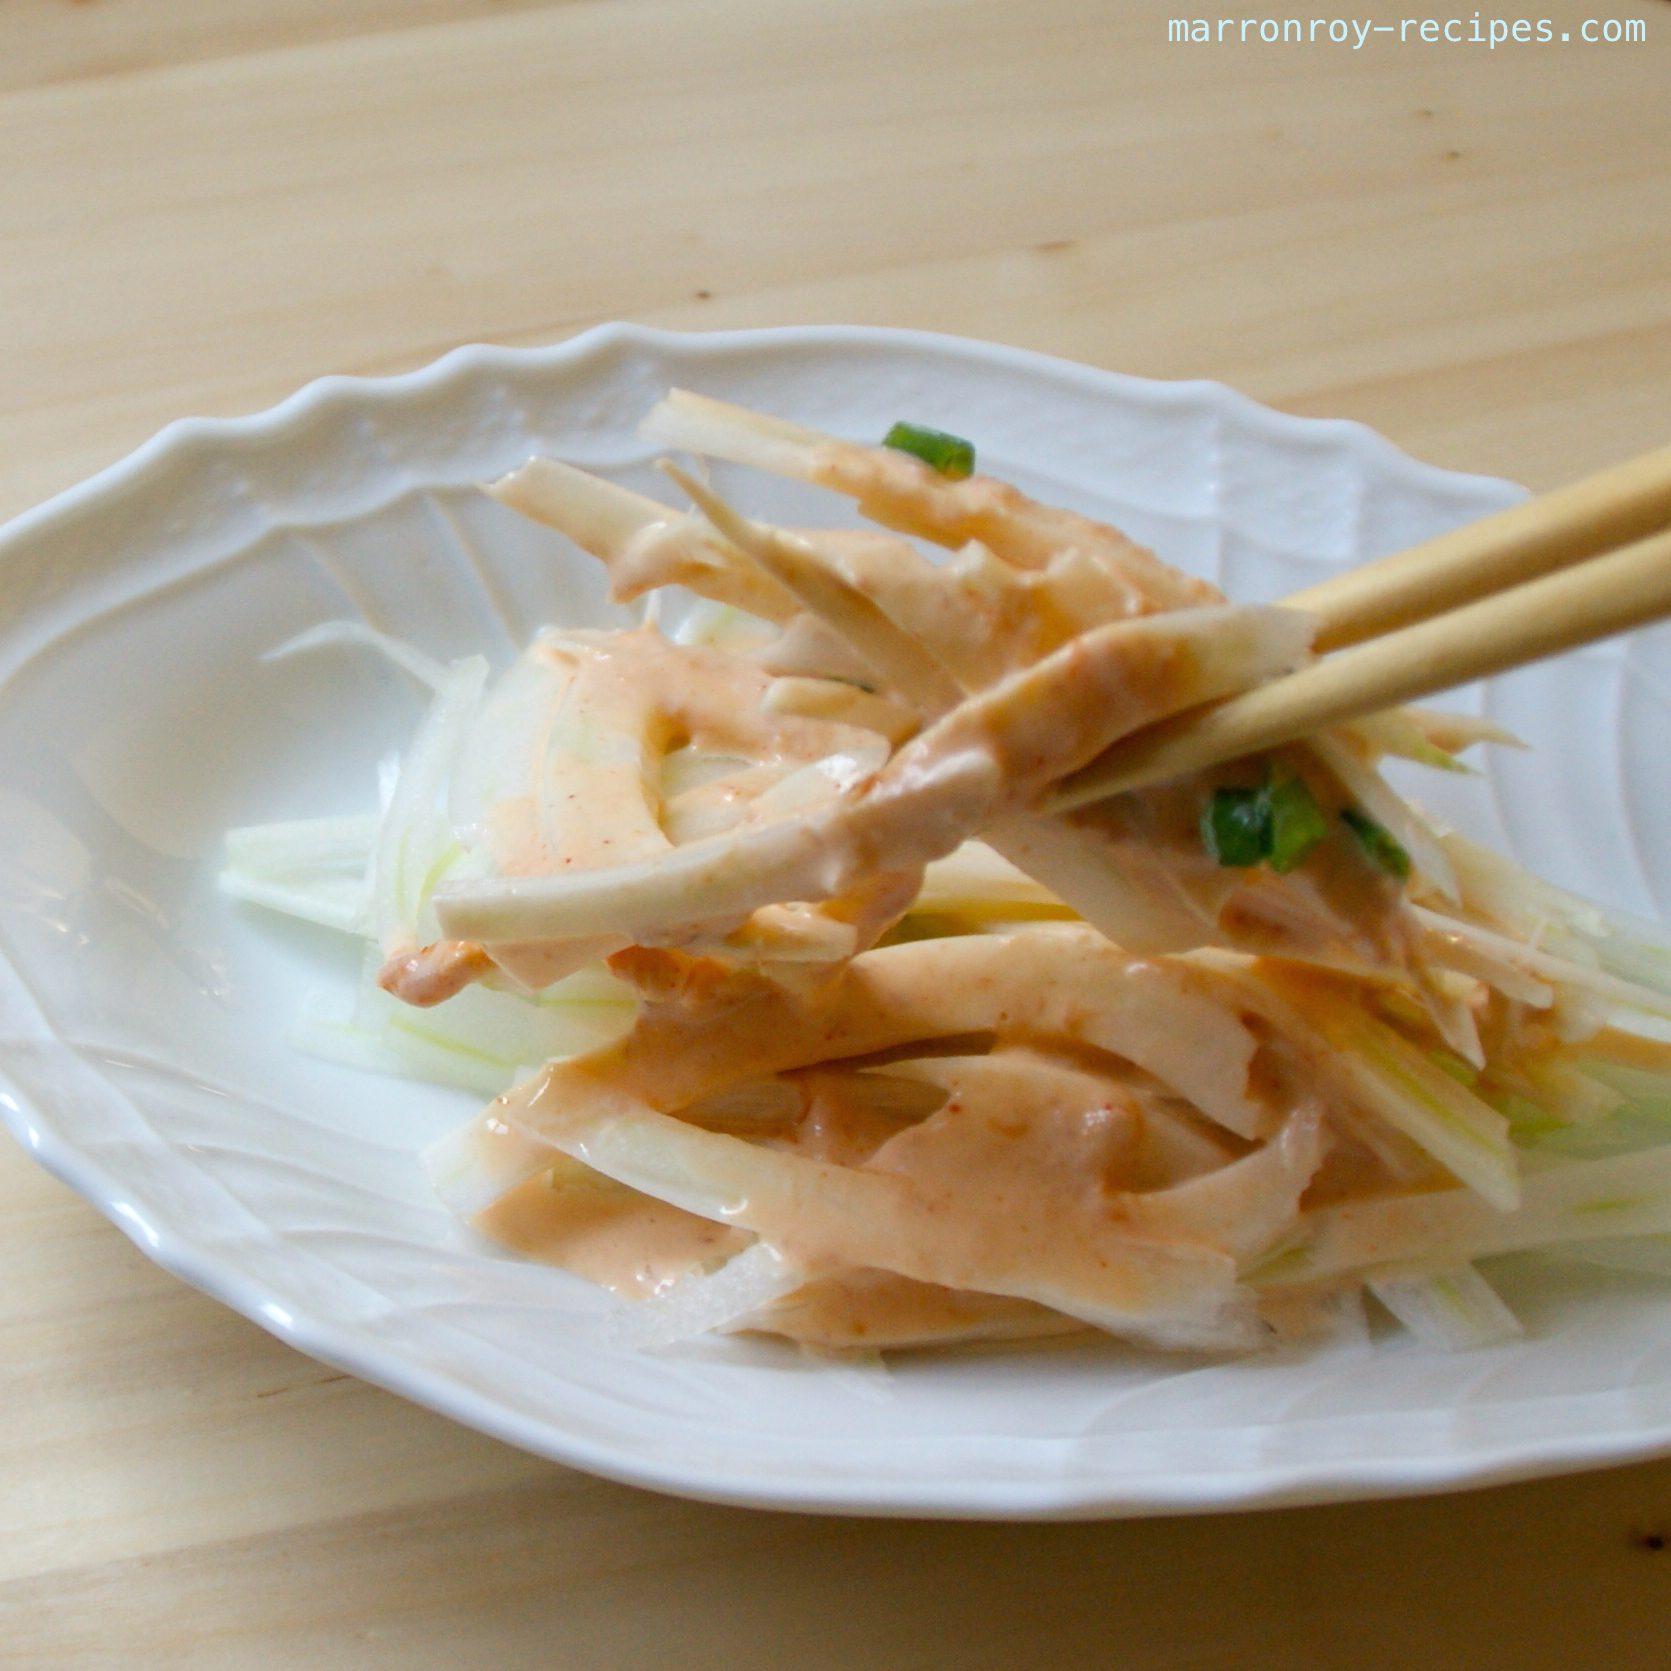 シャキシャキっと食べられる白菜のツナソースがけ